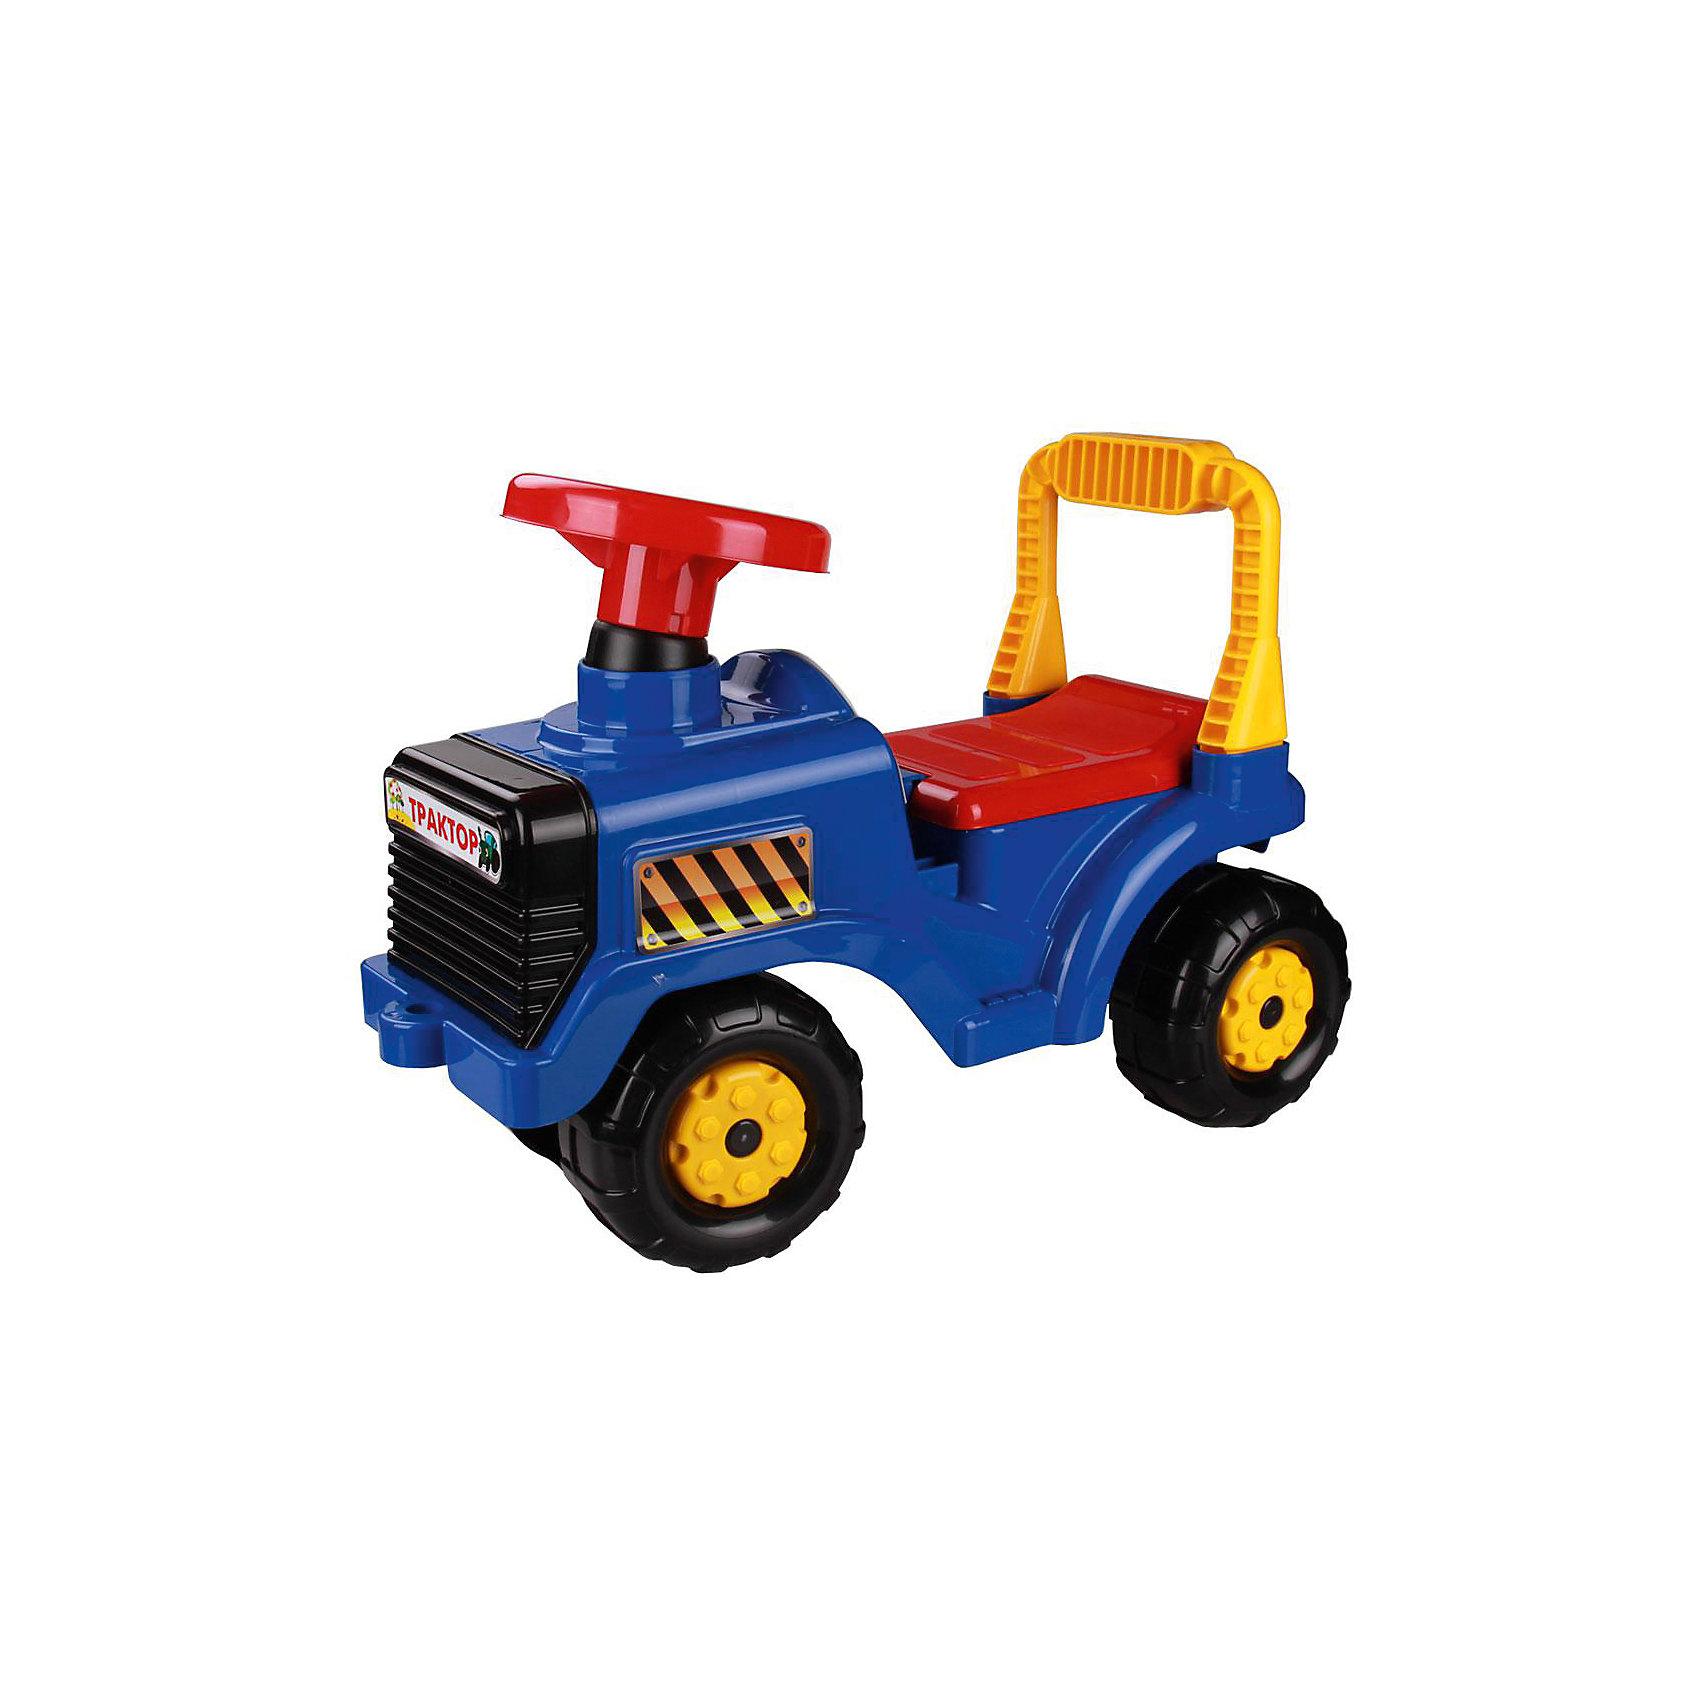 Машинка детская Трактор ,  Alternativa, синийМашинки-каталки<br>Детская машинка Трактор изготовлена из пластика и имеет очень приятный дизайн. У трактора есть большой руль, четыре крупных колеса и удобная спинка-ручка. Такая яркая машинка обязательно понравится мальчику!<br><br>Дополнительная информация:<br>Материал: пластик<br>Цвет: синий<br>Размер: 57х27х42 см<br><br>Машинку Трактор можно купить в нашем интернет-магазине.<br><br>Ширина мм: 0<br>Глубина мм: 0<br>Высота мм: 0<br>Вес г: 18<br>Возраст от месяцев: 36<br>Возраст до месяцев: 144<br>Пол: Унисекс<br>Возраст: Детский<br>SKU: 4979759